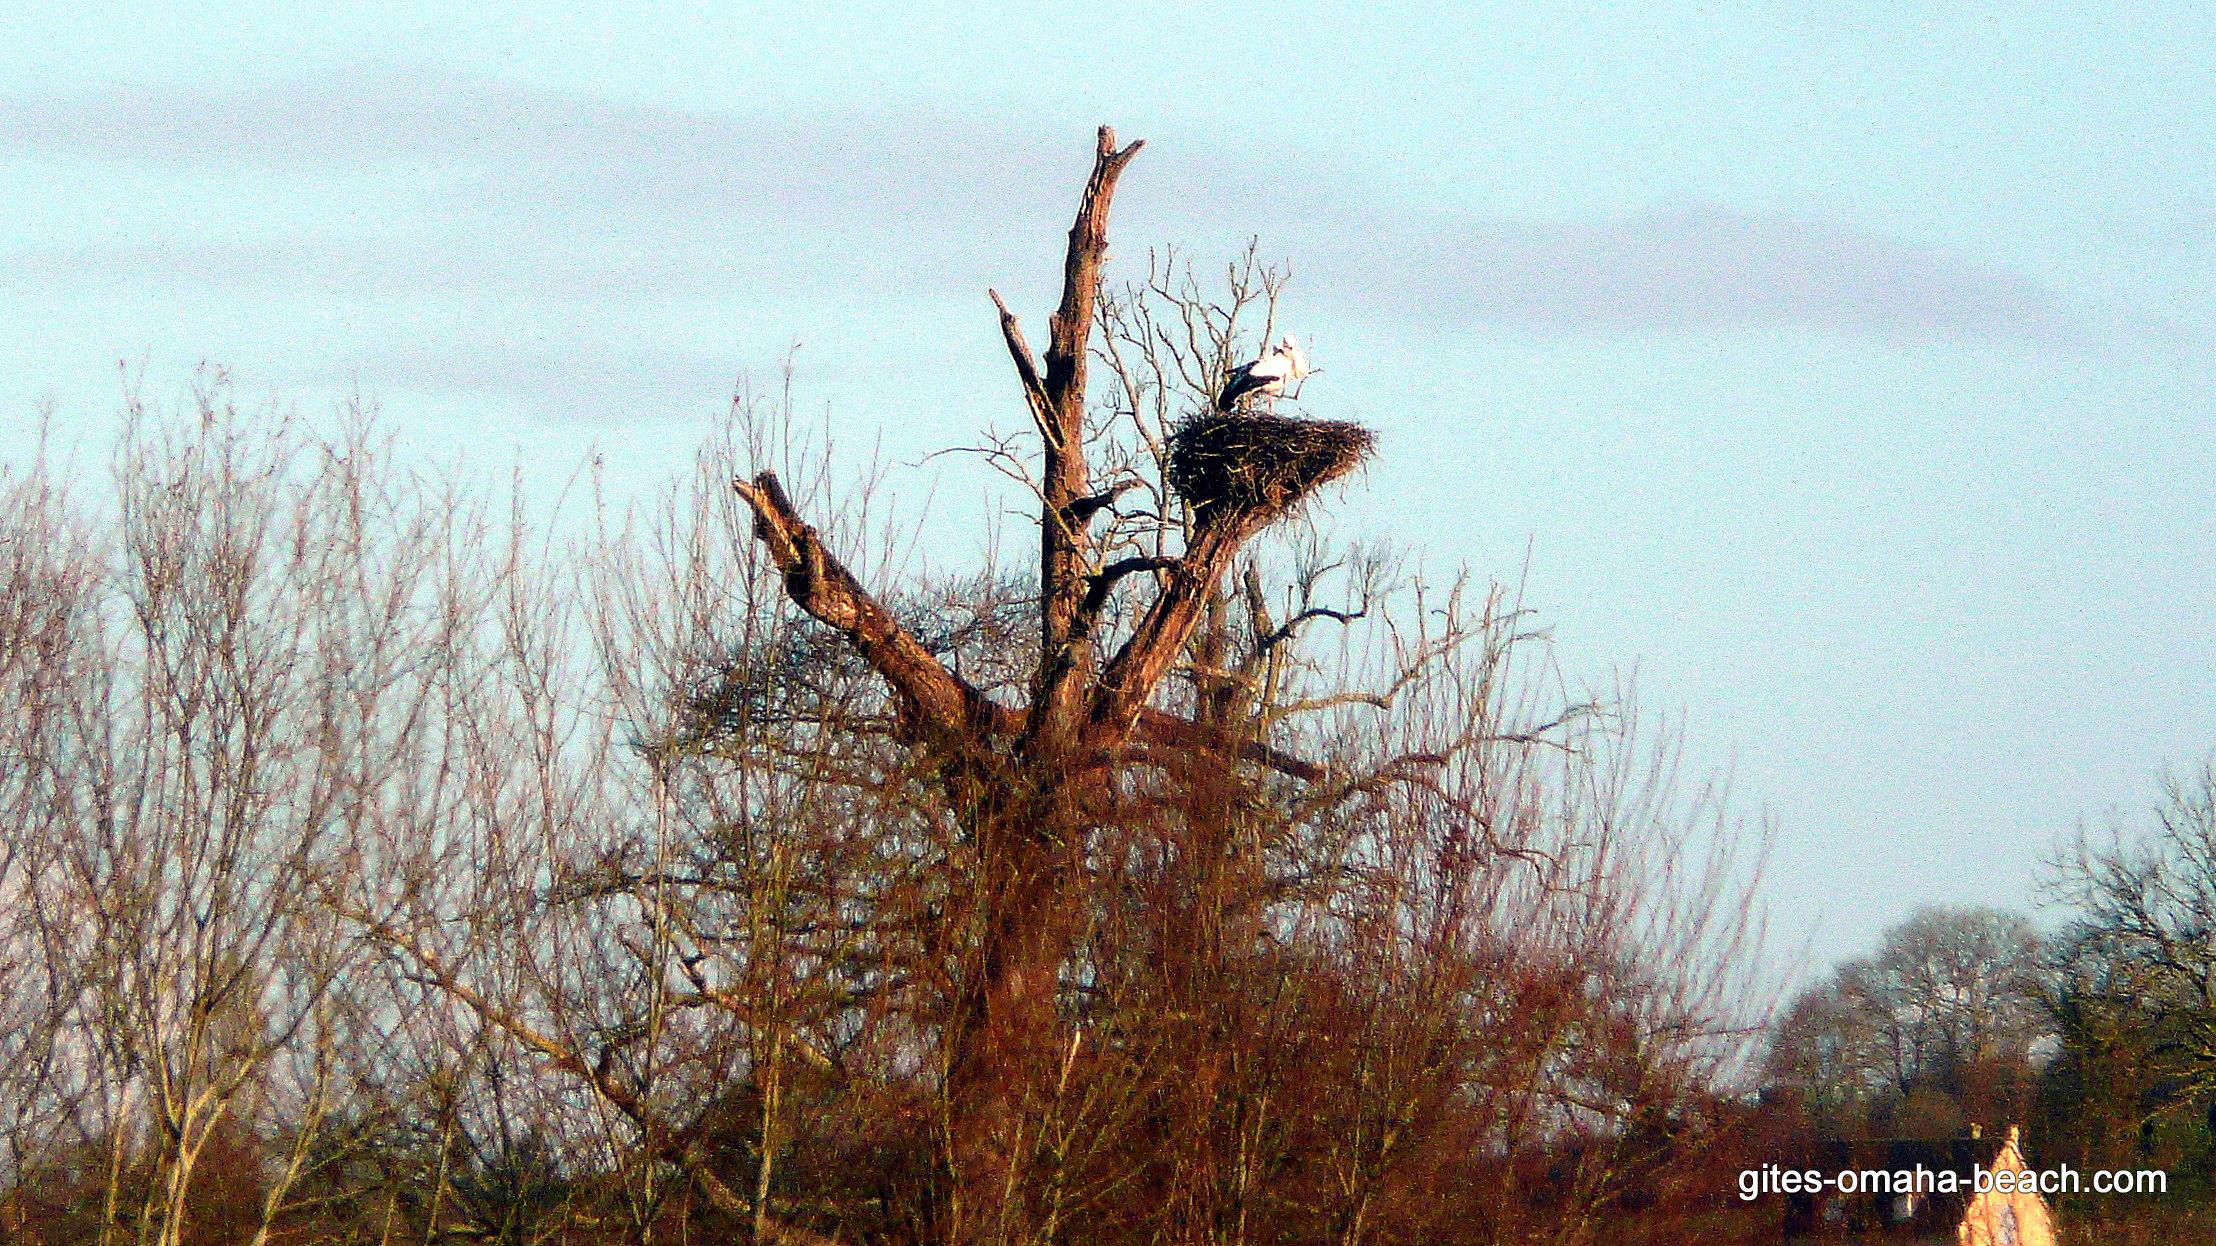 Les cigognes nichent dans le marais